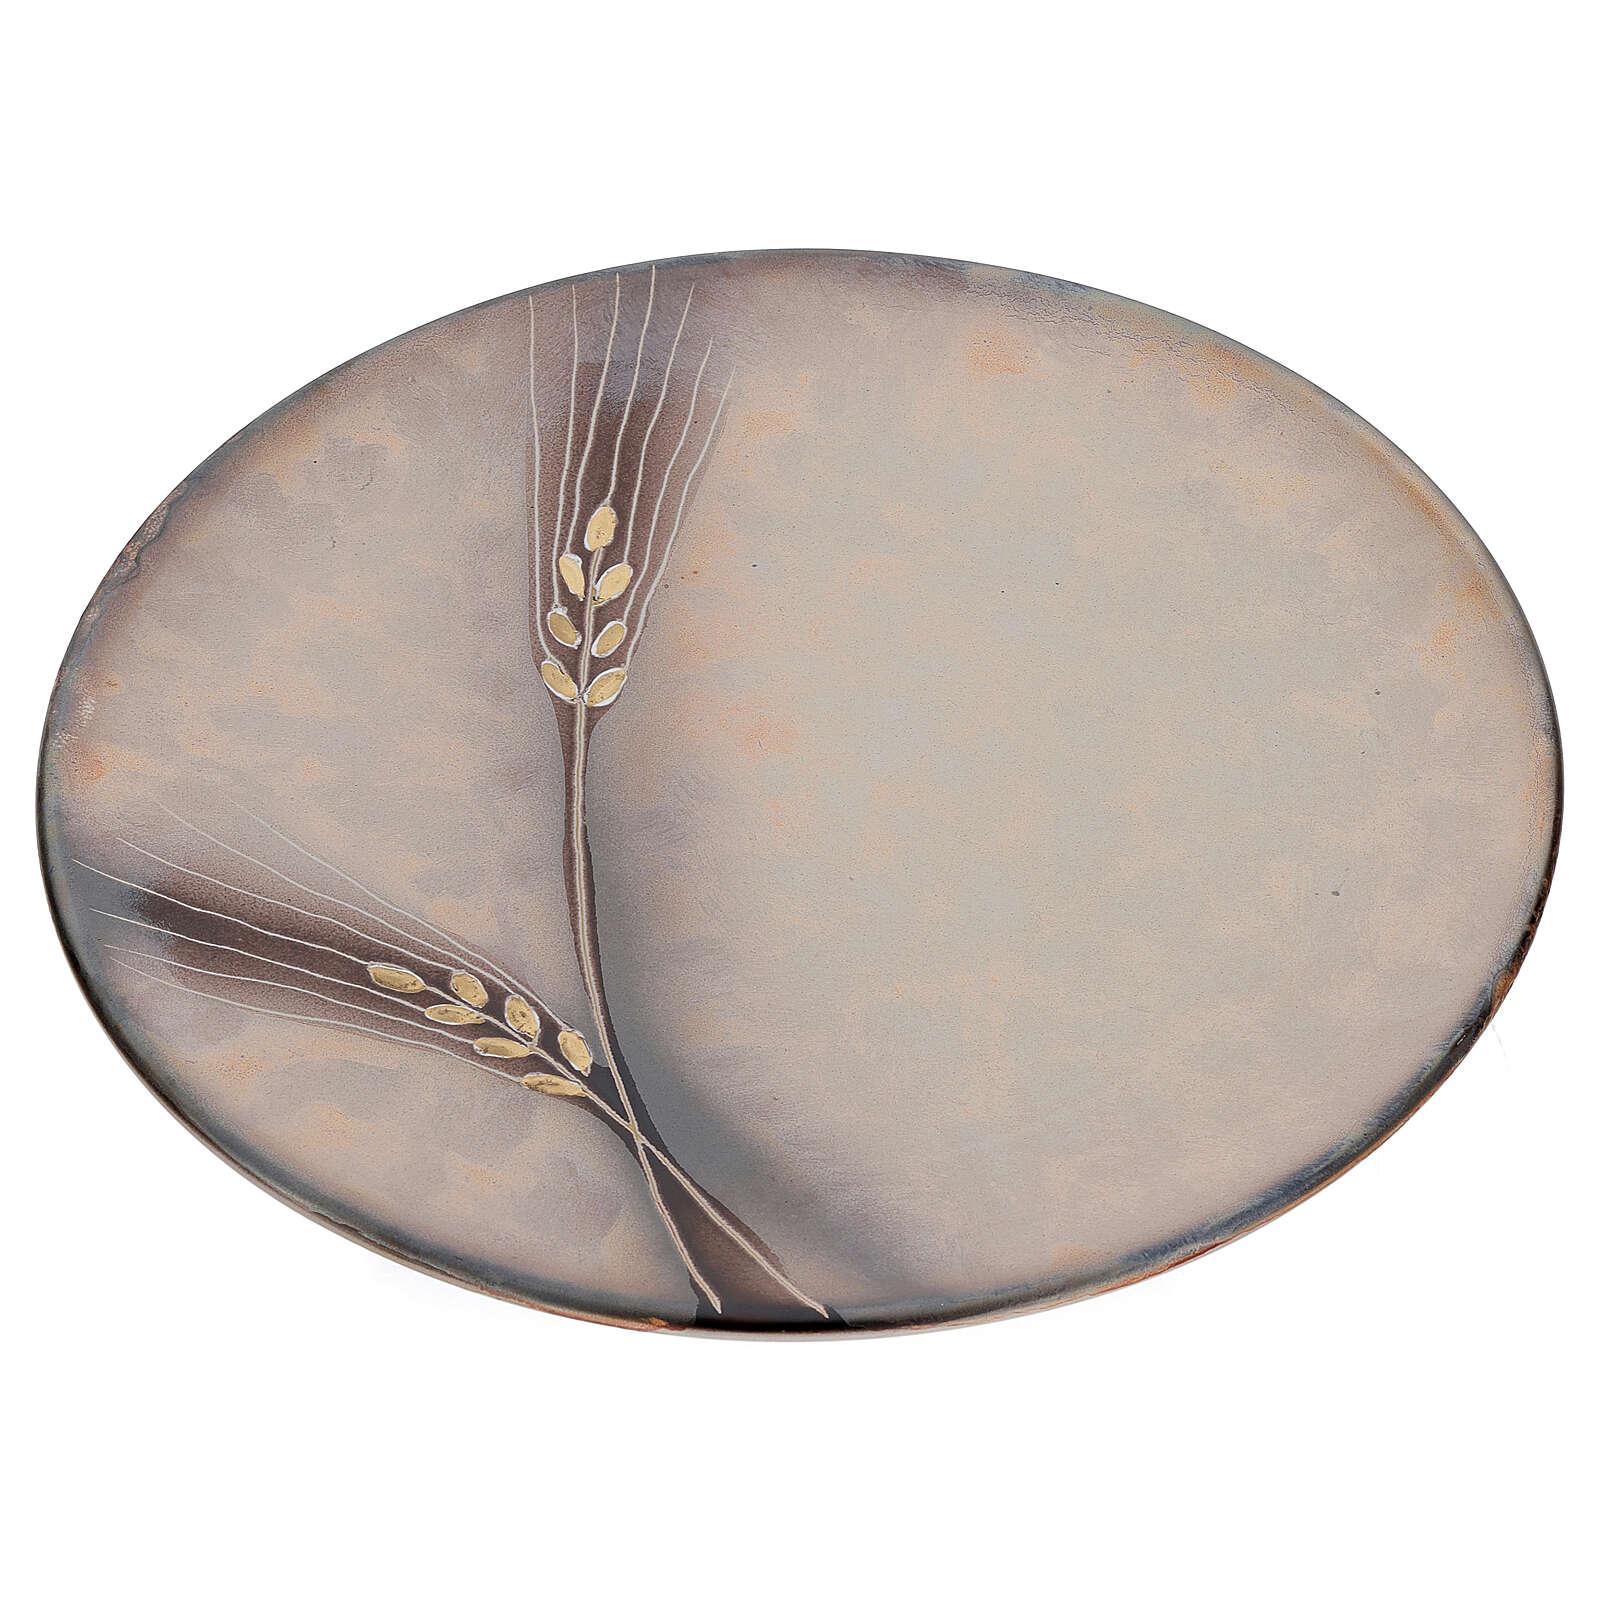 STOCK Assiette aiguière céramique Pompéi 25 cm 3